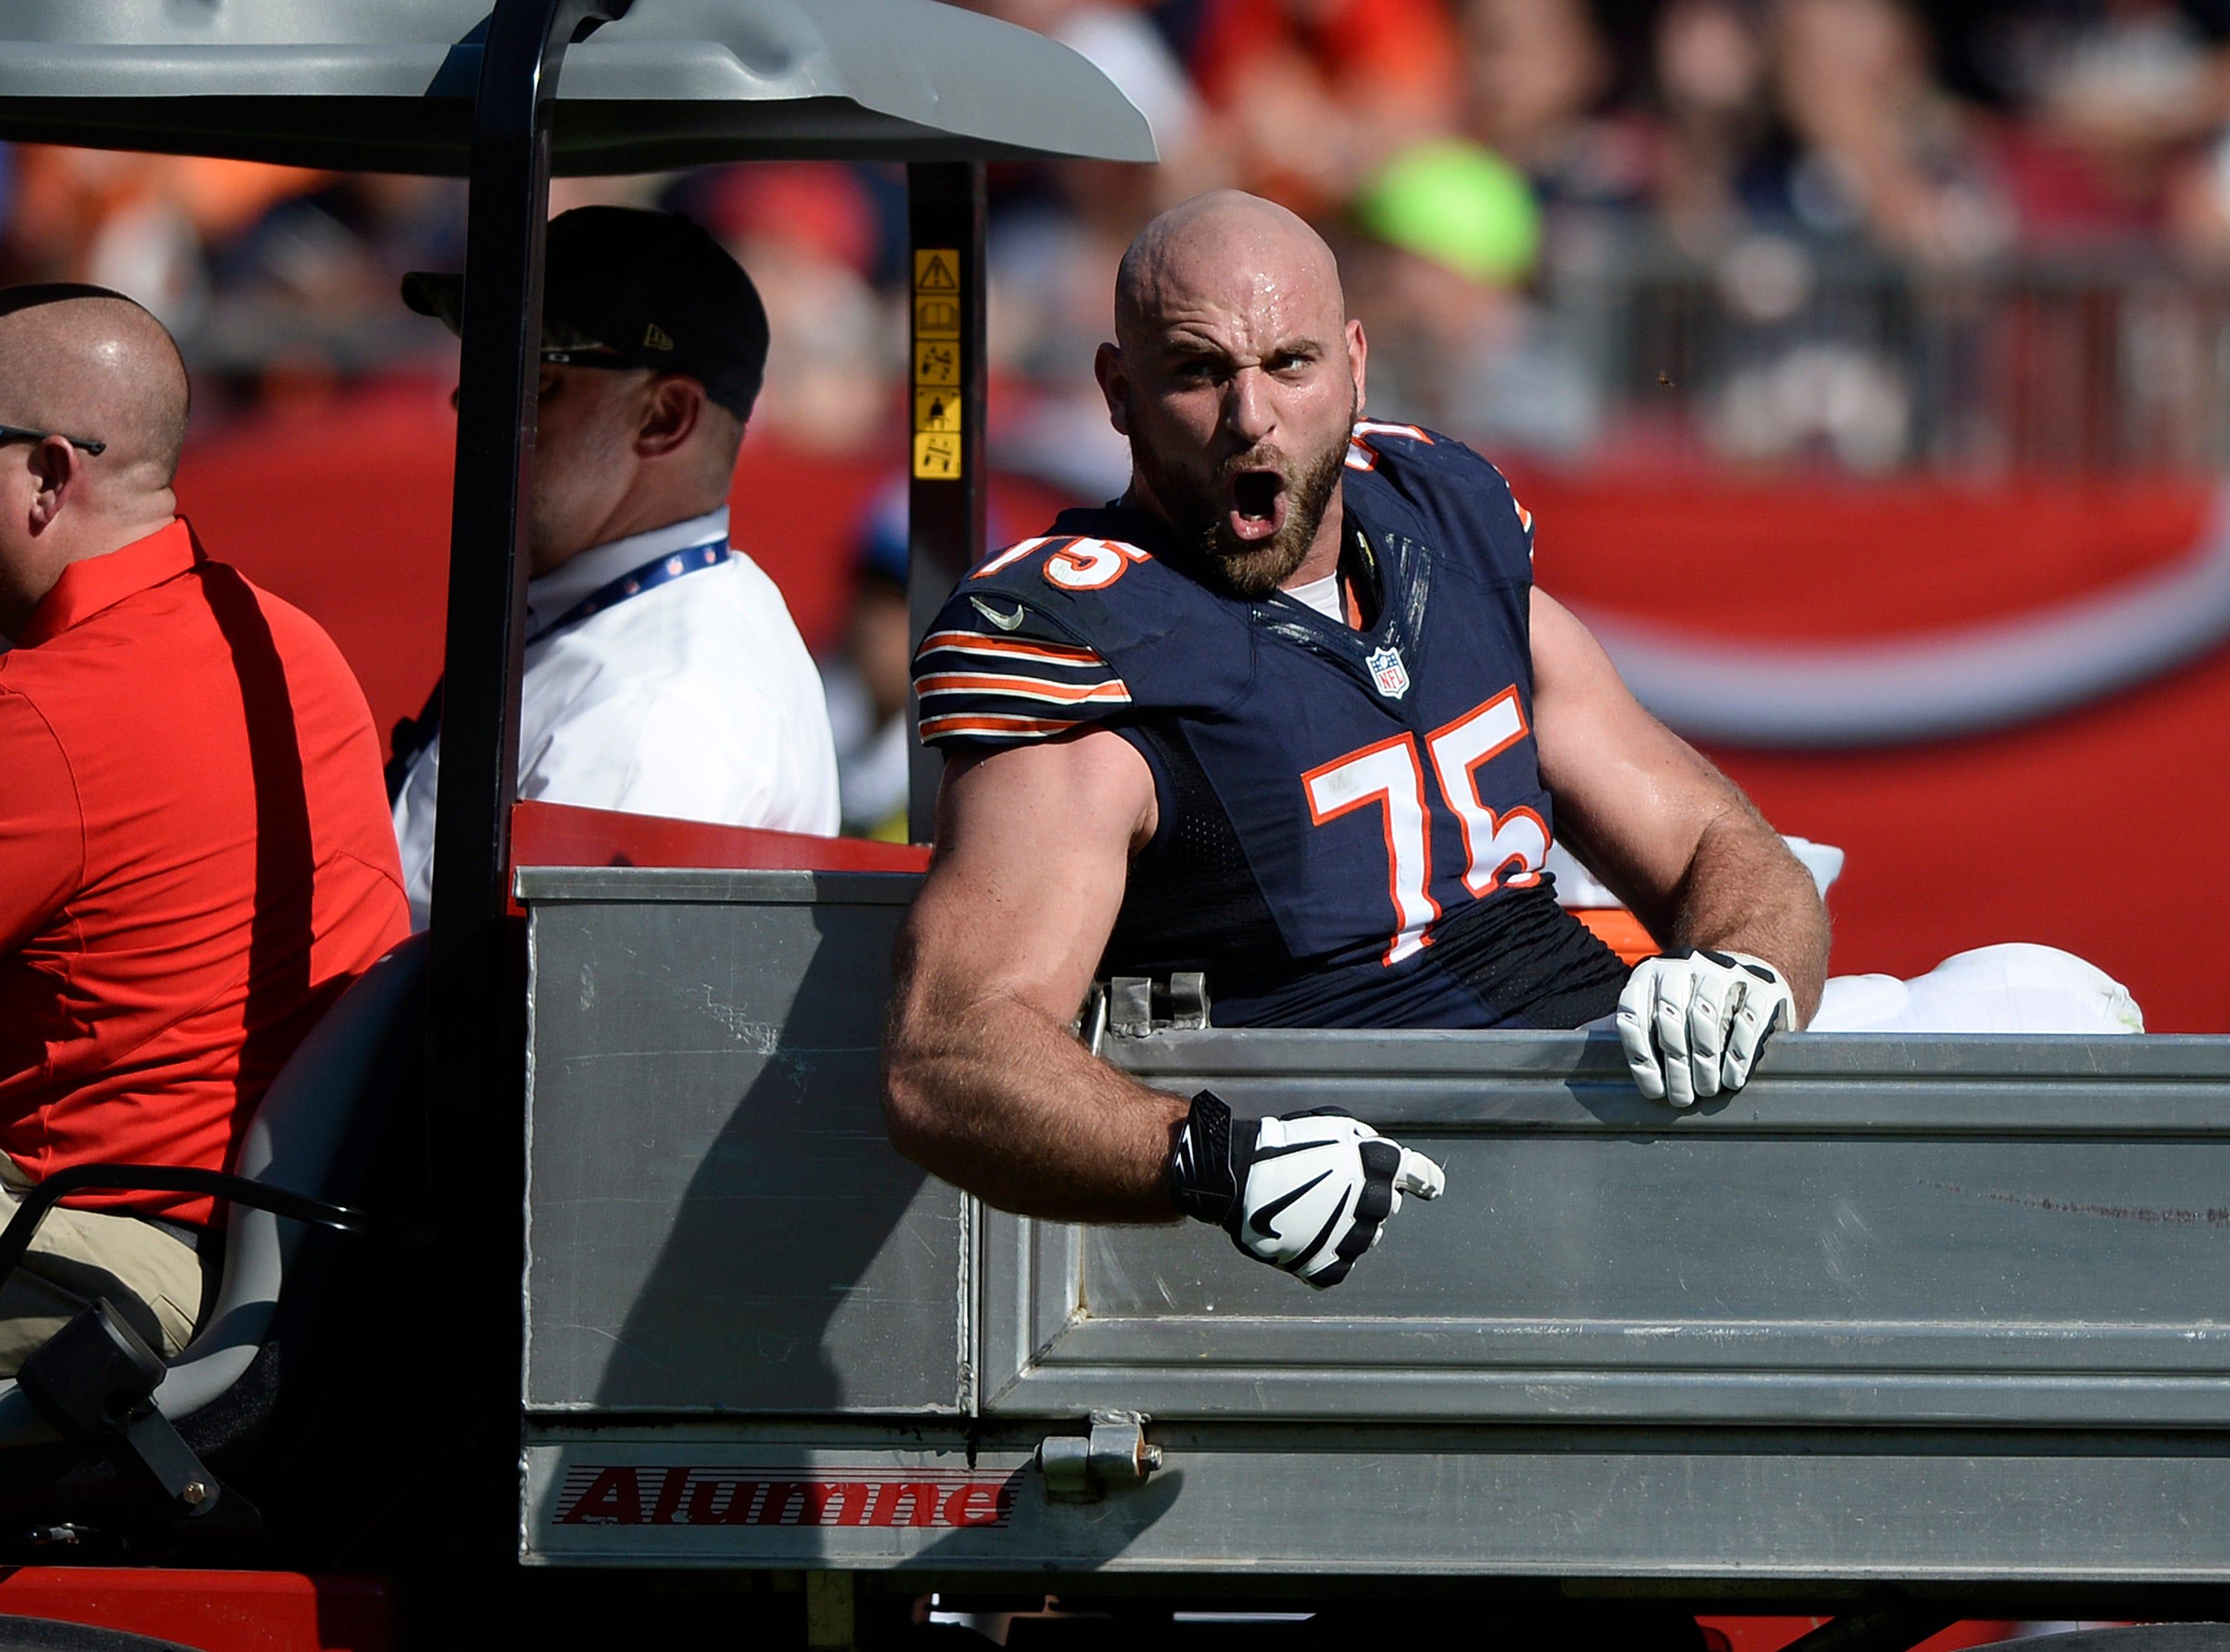 Injuries behind him, Bears' Long feels rejuvenated, older